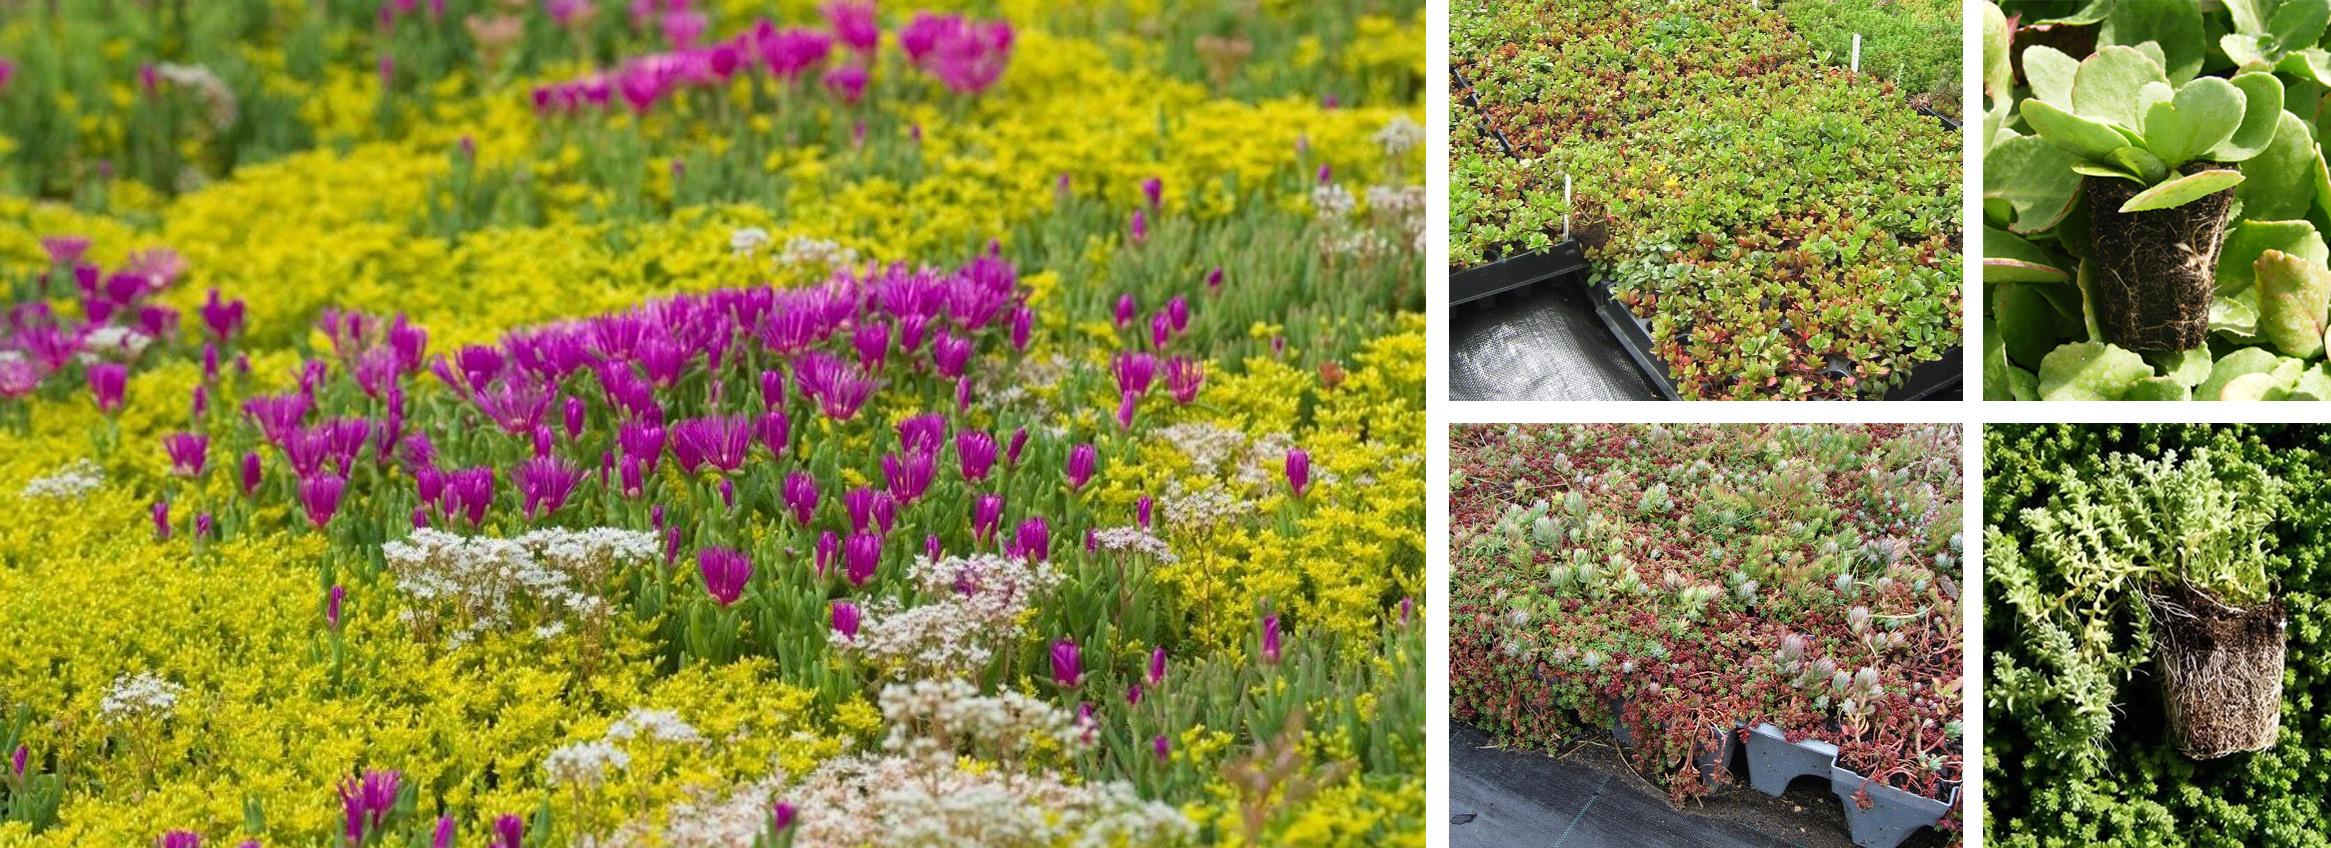 Plantas sedum para los jardines verticales paivert for Plantas usadas para jardines verticales